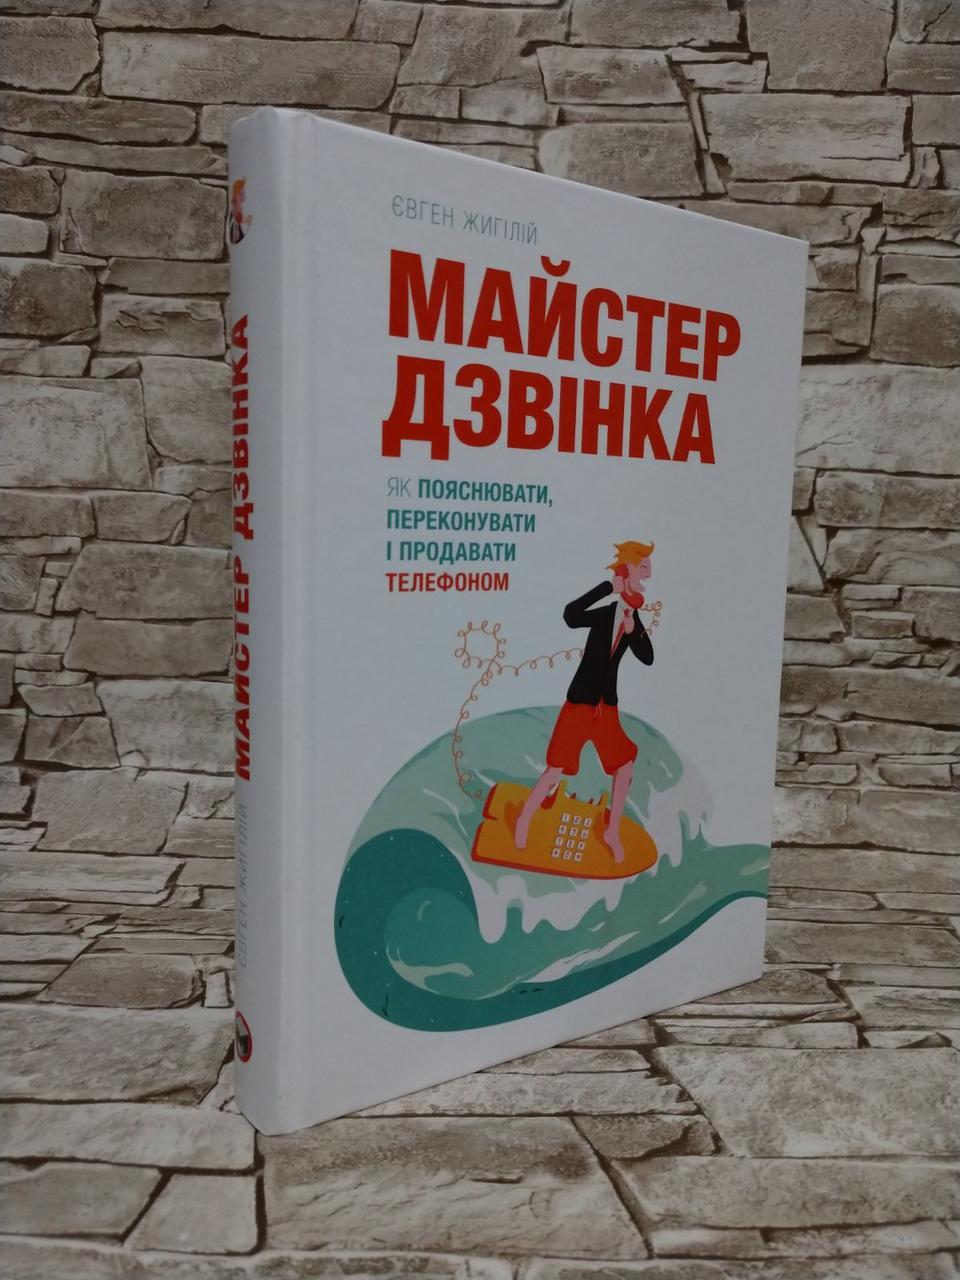 """Книга """"Майстер дзвінка. Як пояснювати, переконувати і продавати телефоном"""" Євген Жигілій"""